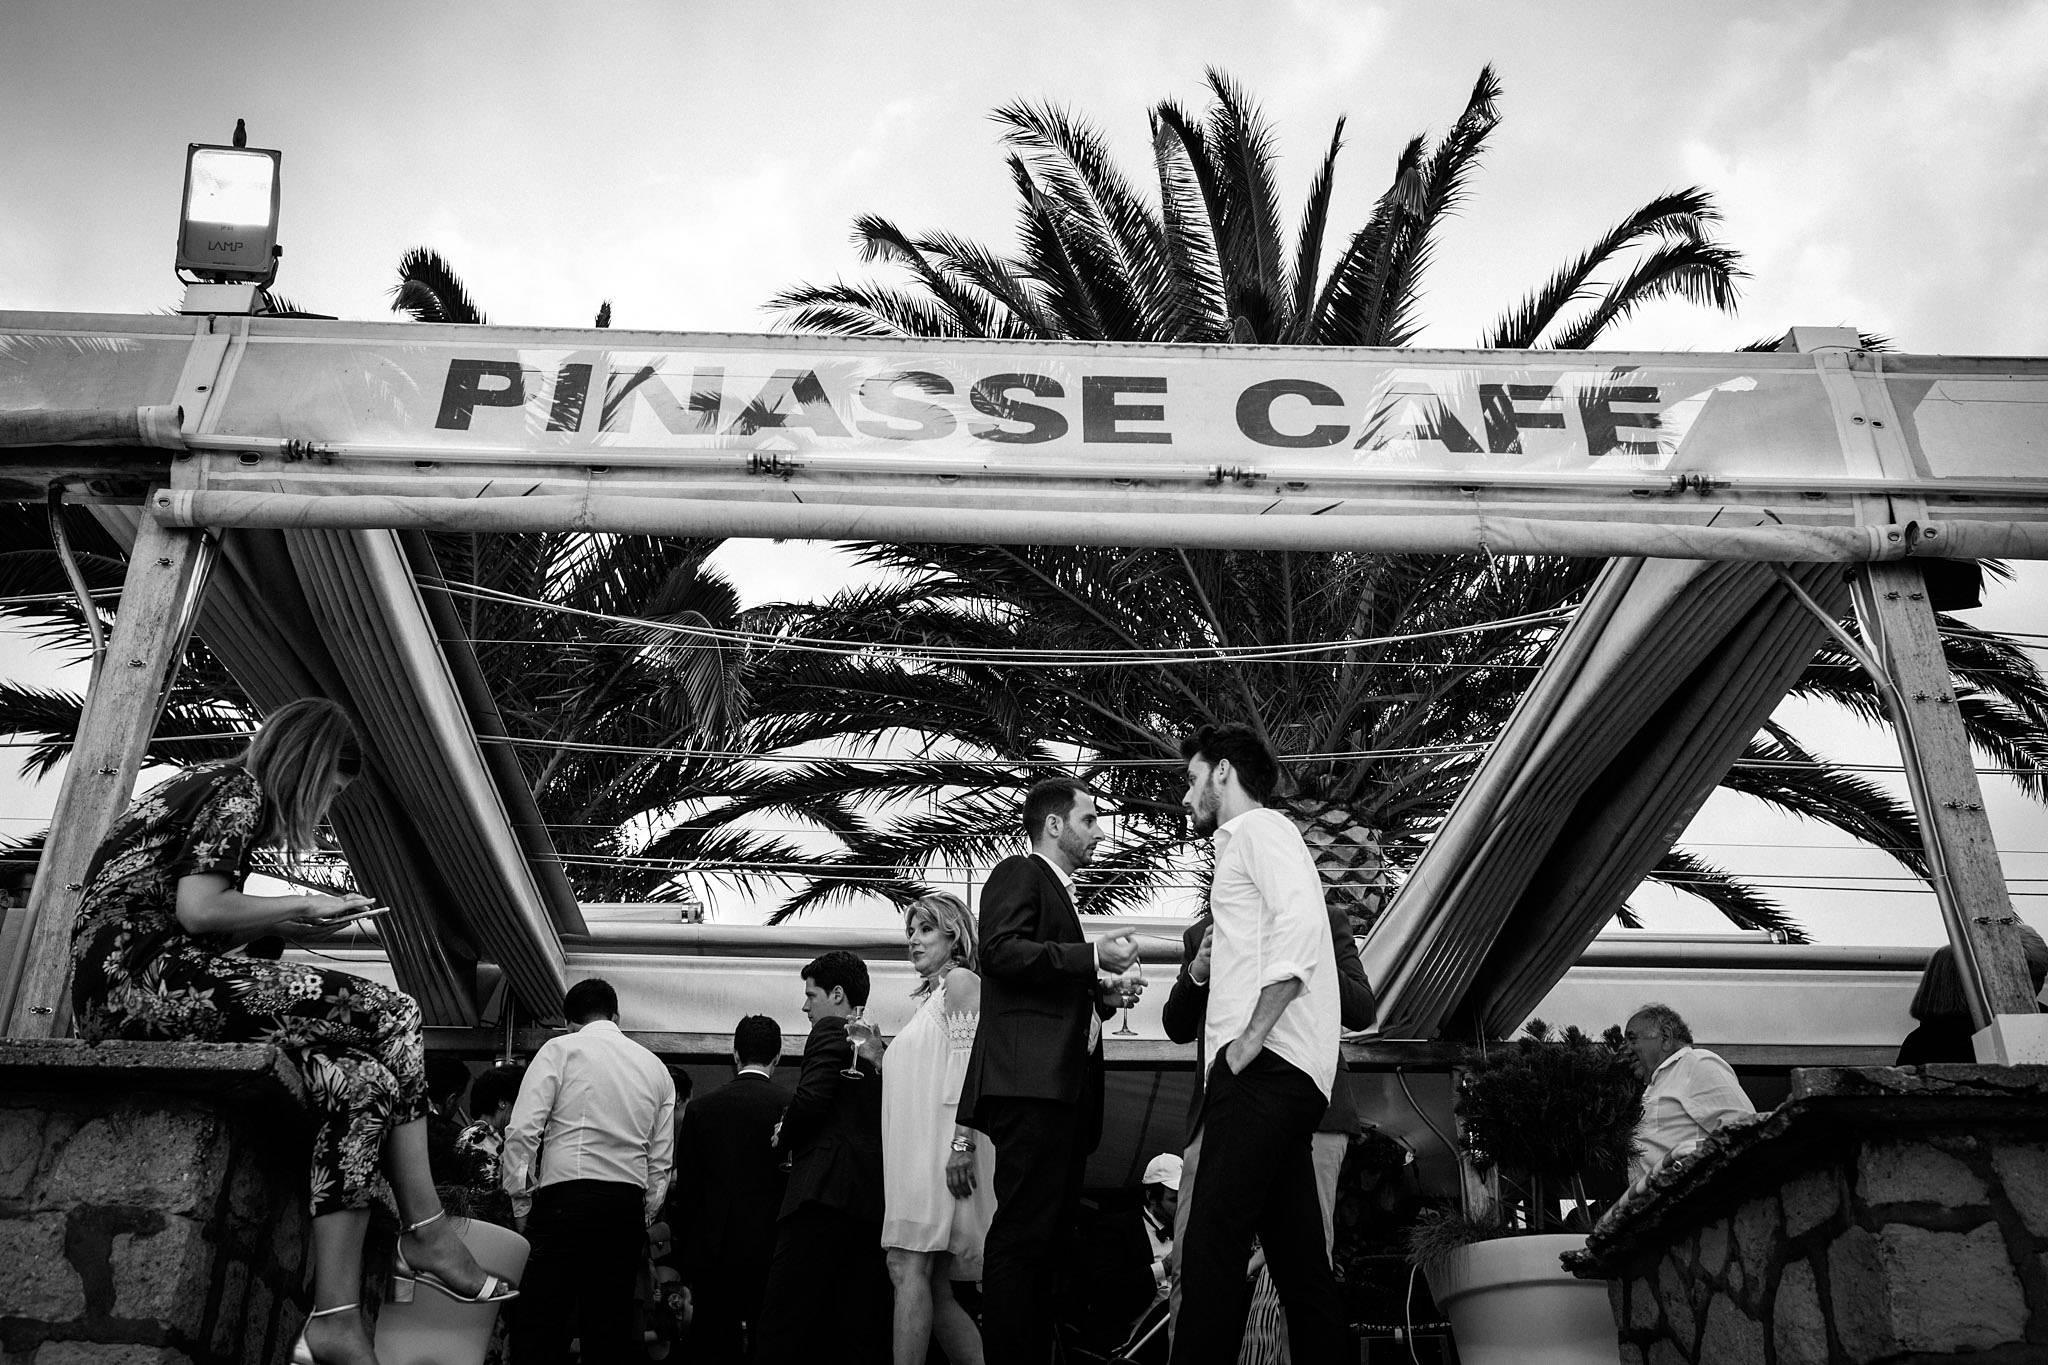 Le photoreportage du mariage de C+B au Cap Ferret, à la Mairie, à l'Eglise Notre-Dame des Flots et au Pinasse Café, devant le bassin d'Arcachon.